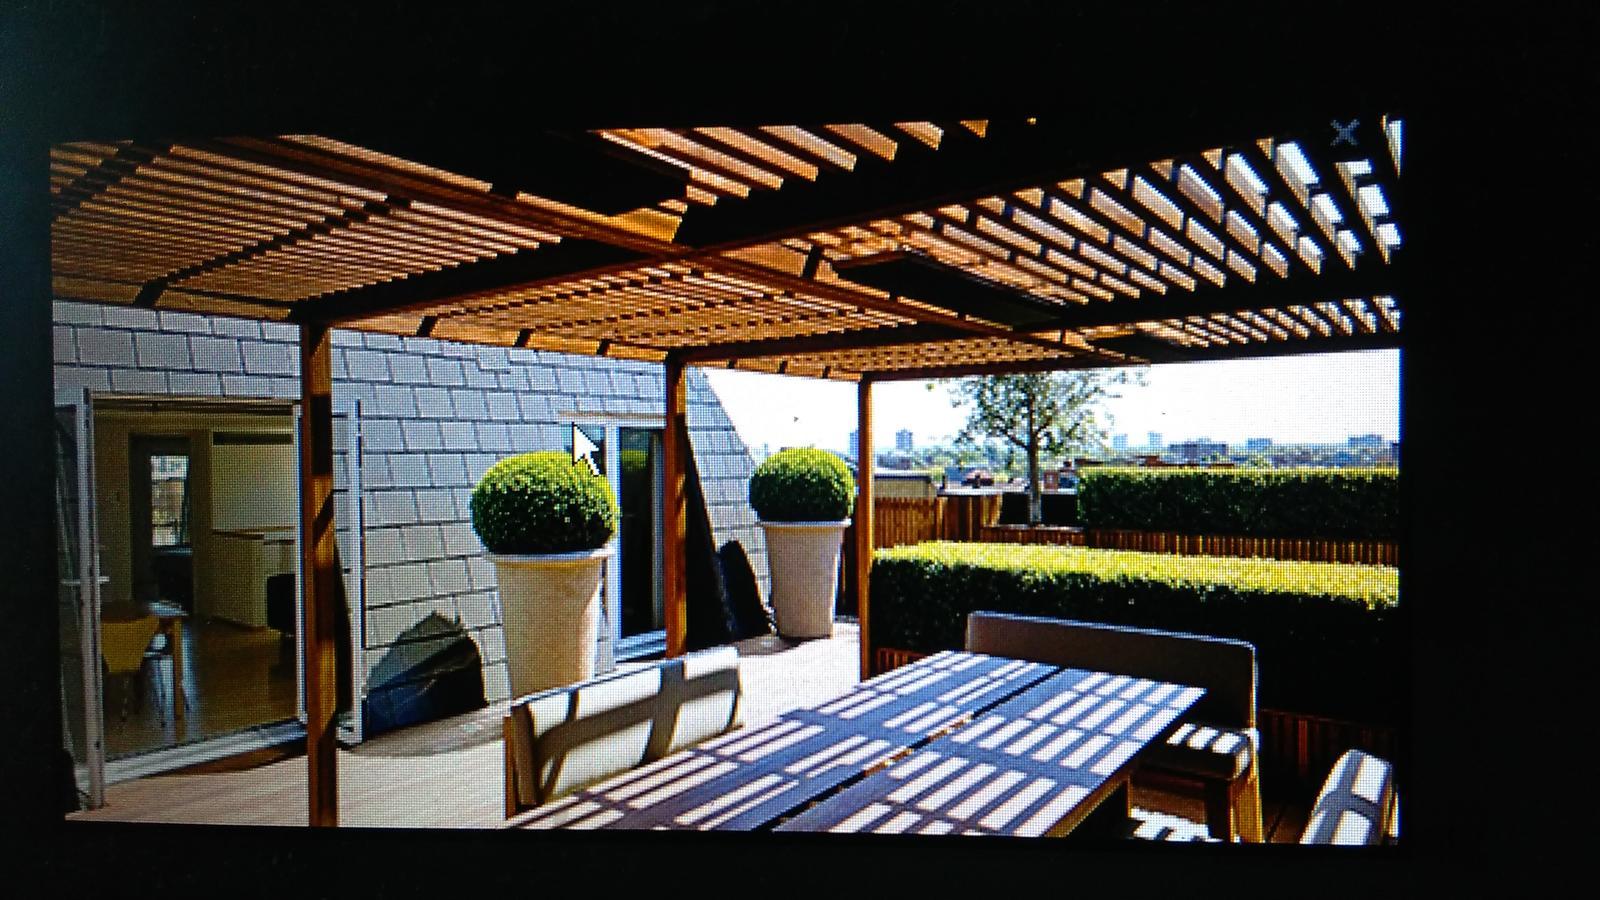 Realizace ,které mě zaujaly a čerpu z nich inspiraci - moje představa naší střechy na pergole